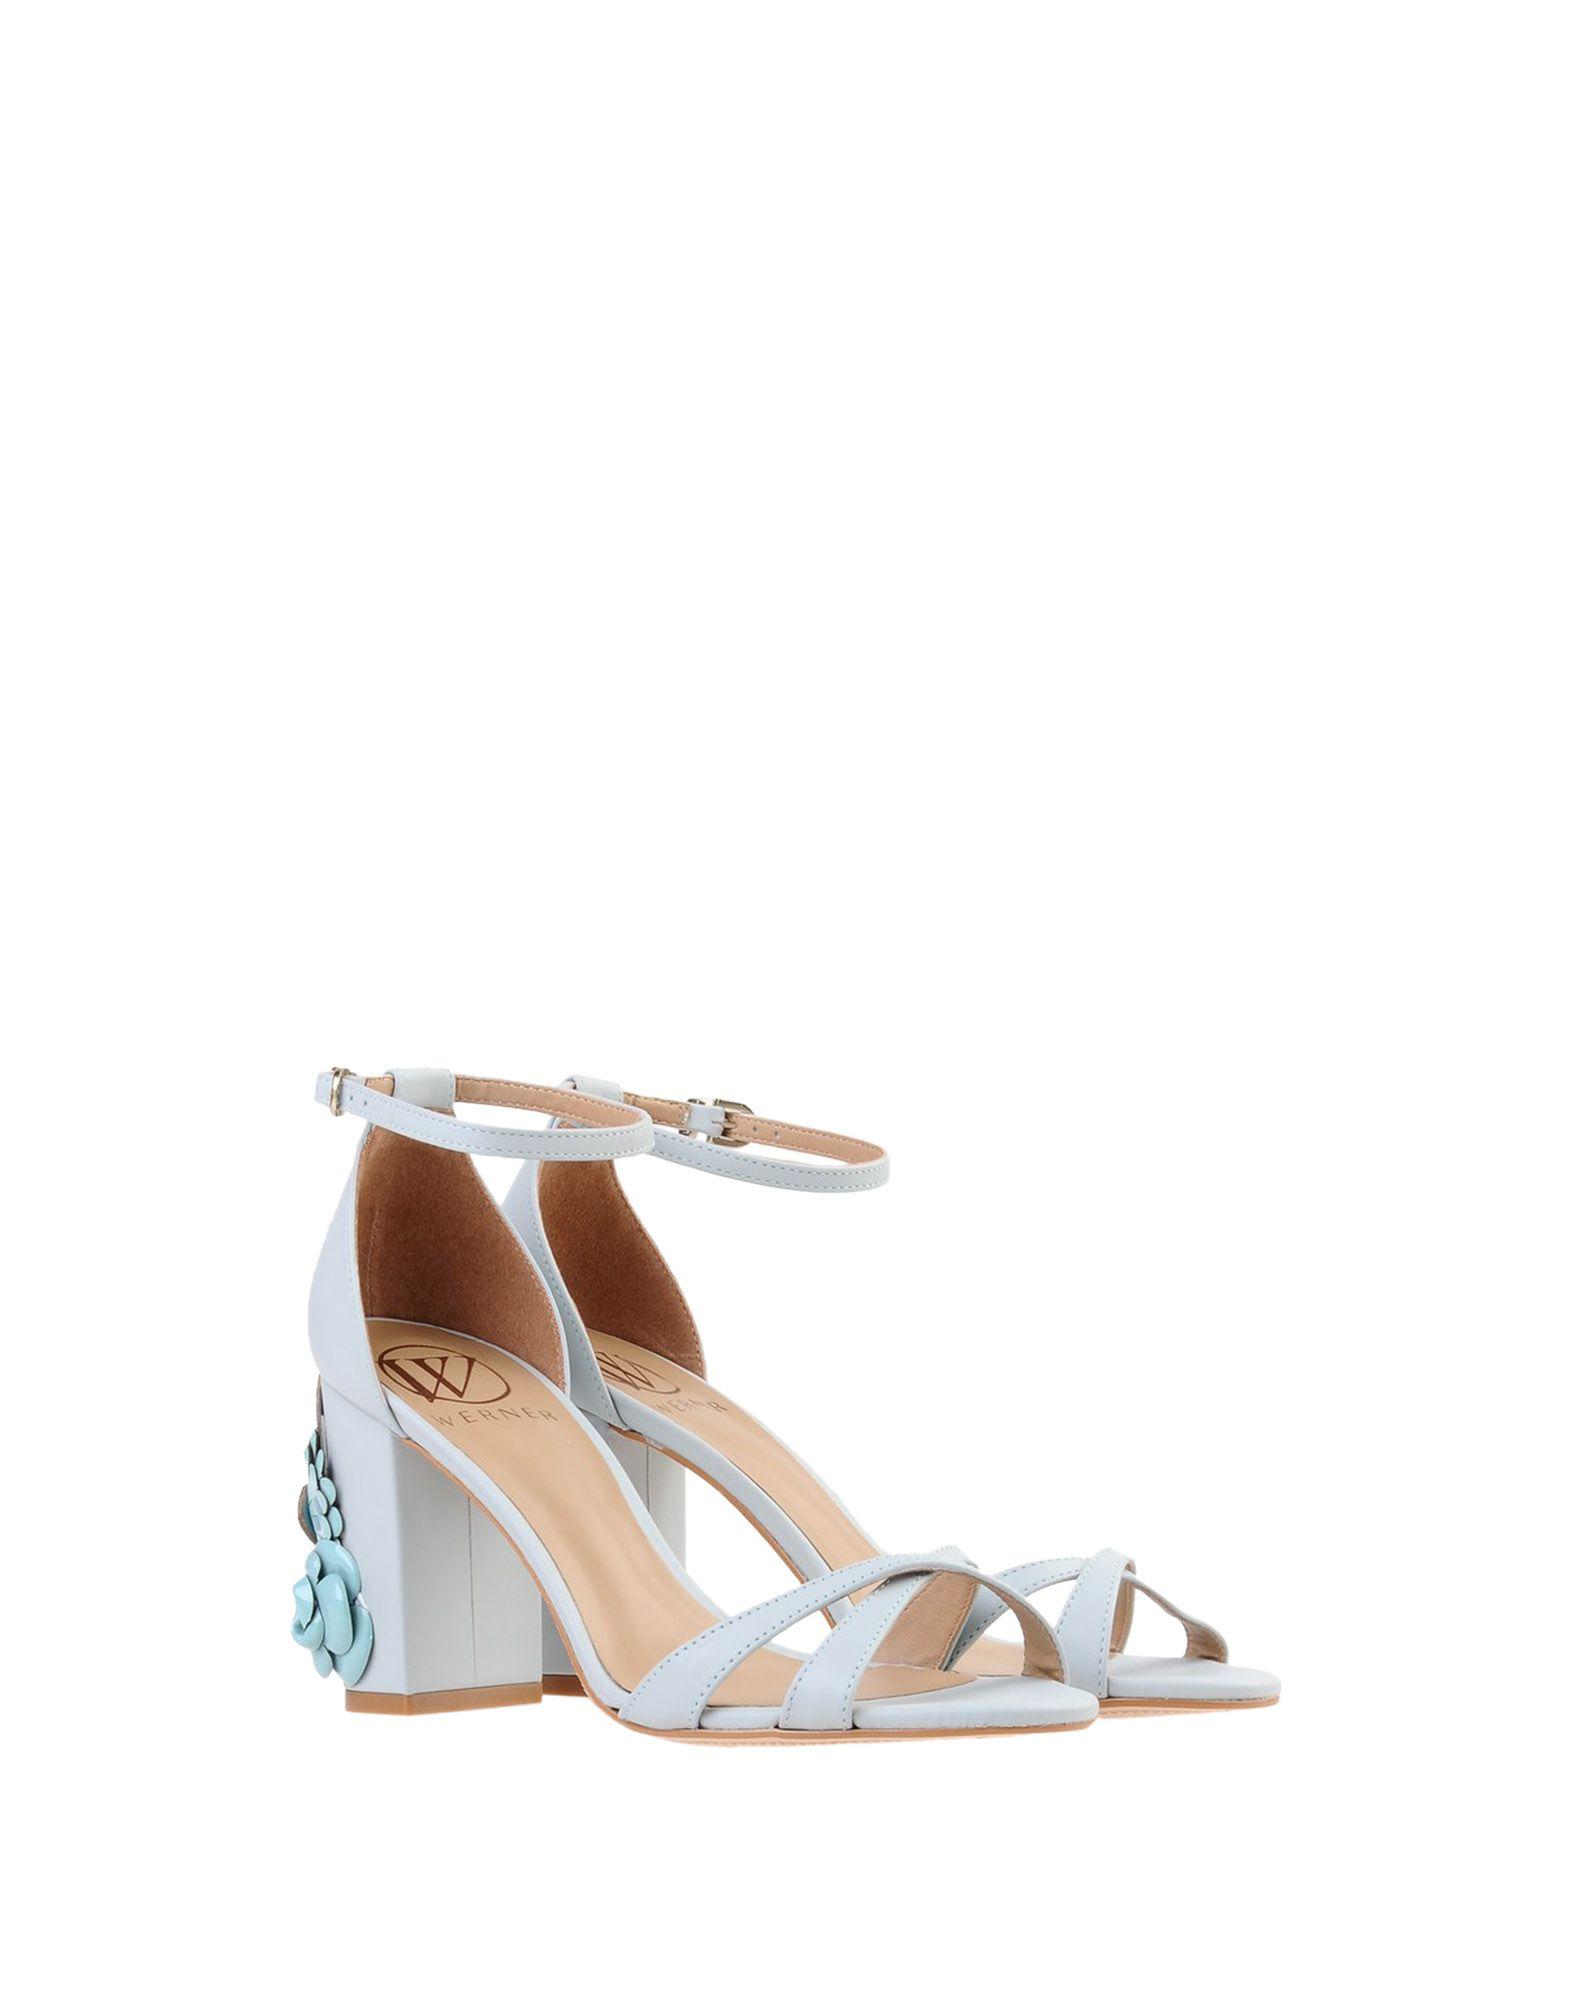 Werner Sandalen Damen  11468389QE Gute Qualität beliebte Schuhe